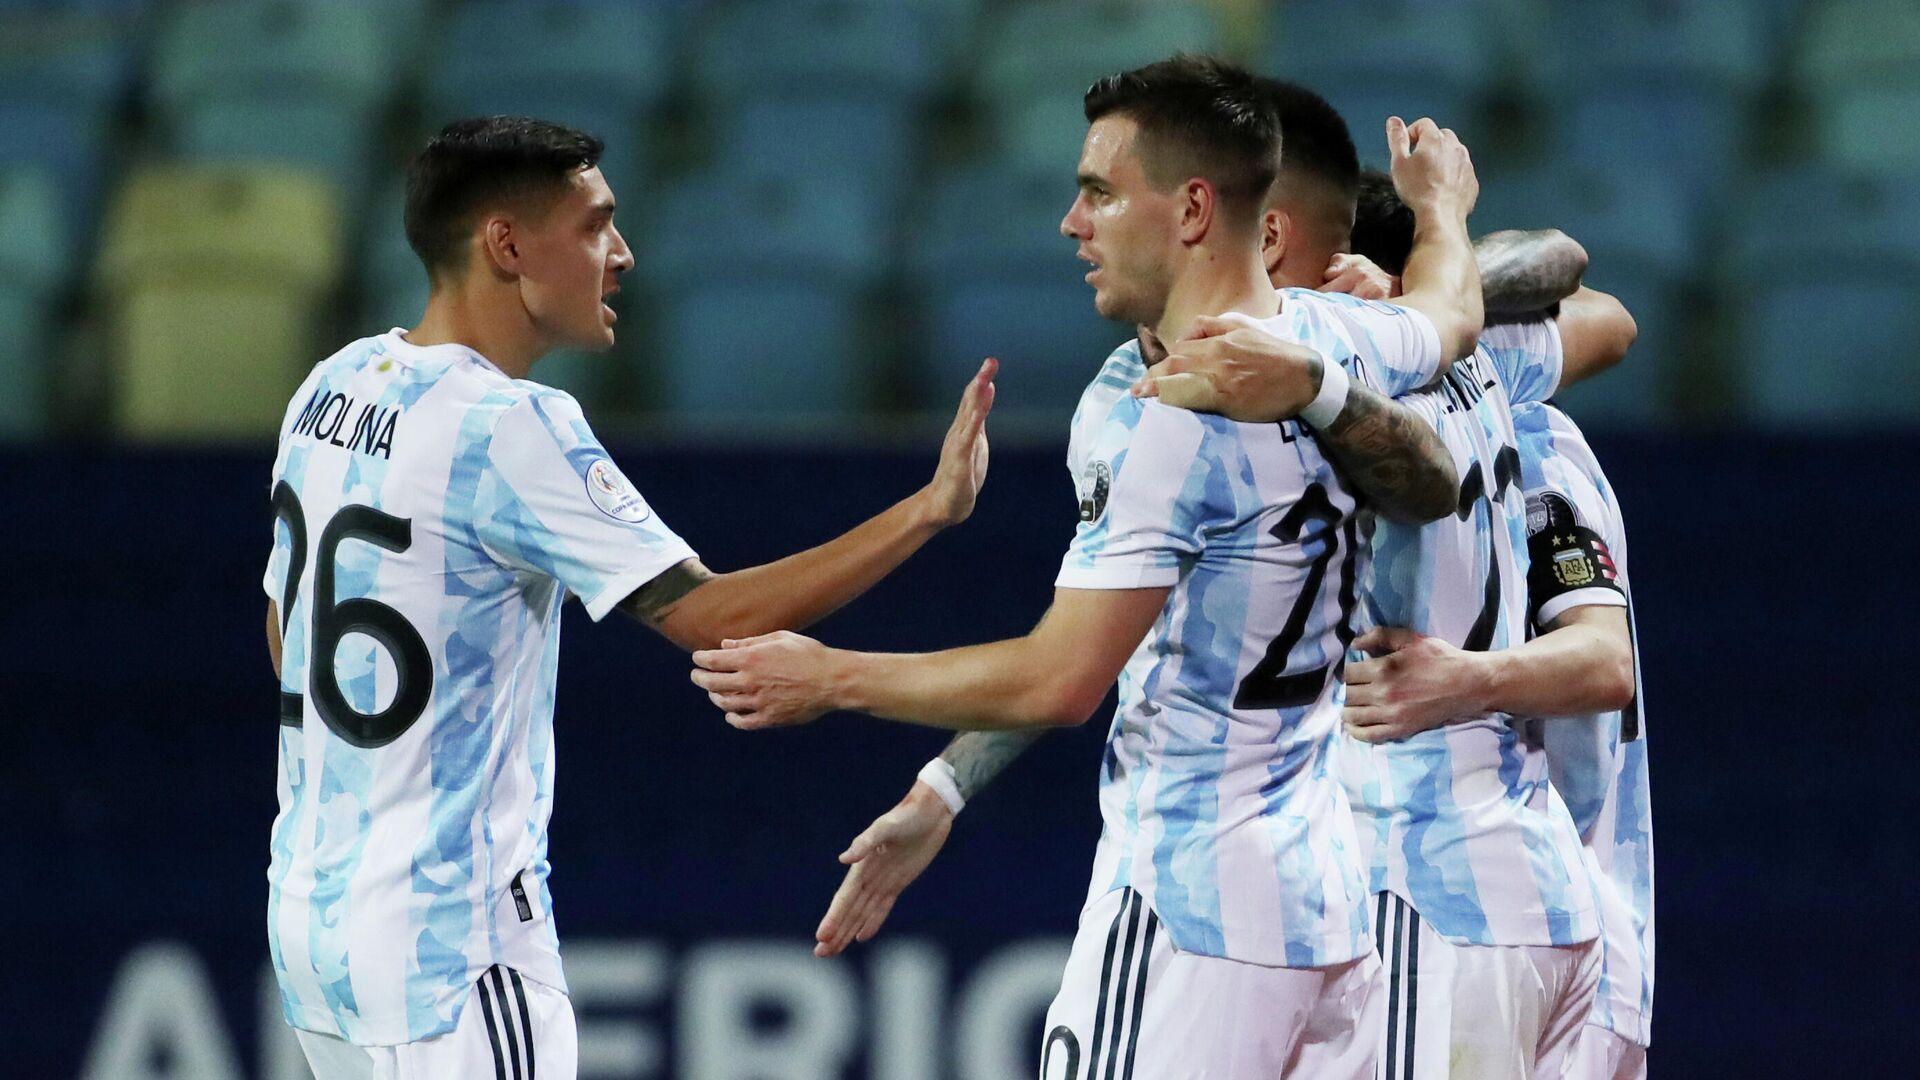 Jugadores de la selección argentina de fútbol - Sputnik Mundo, 1920, 04.07.2021